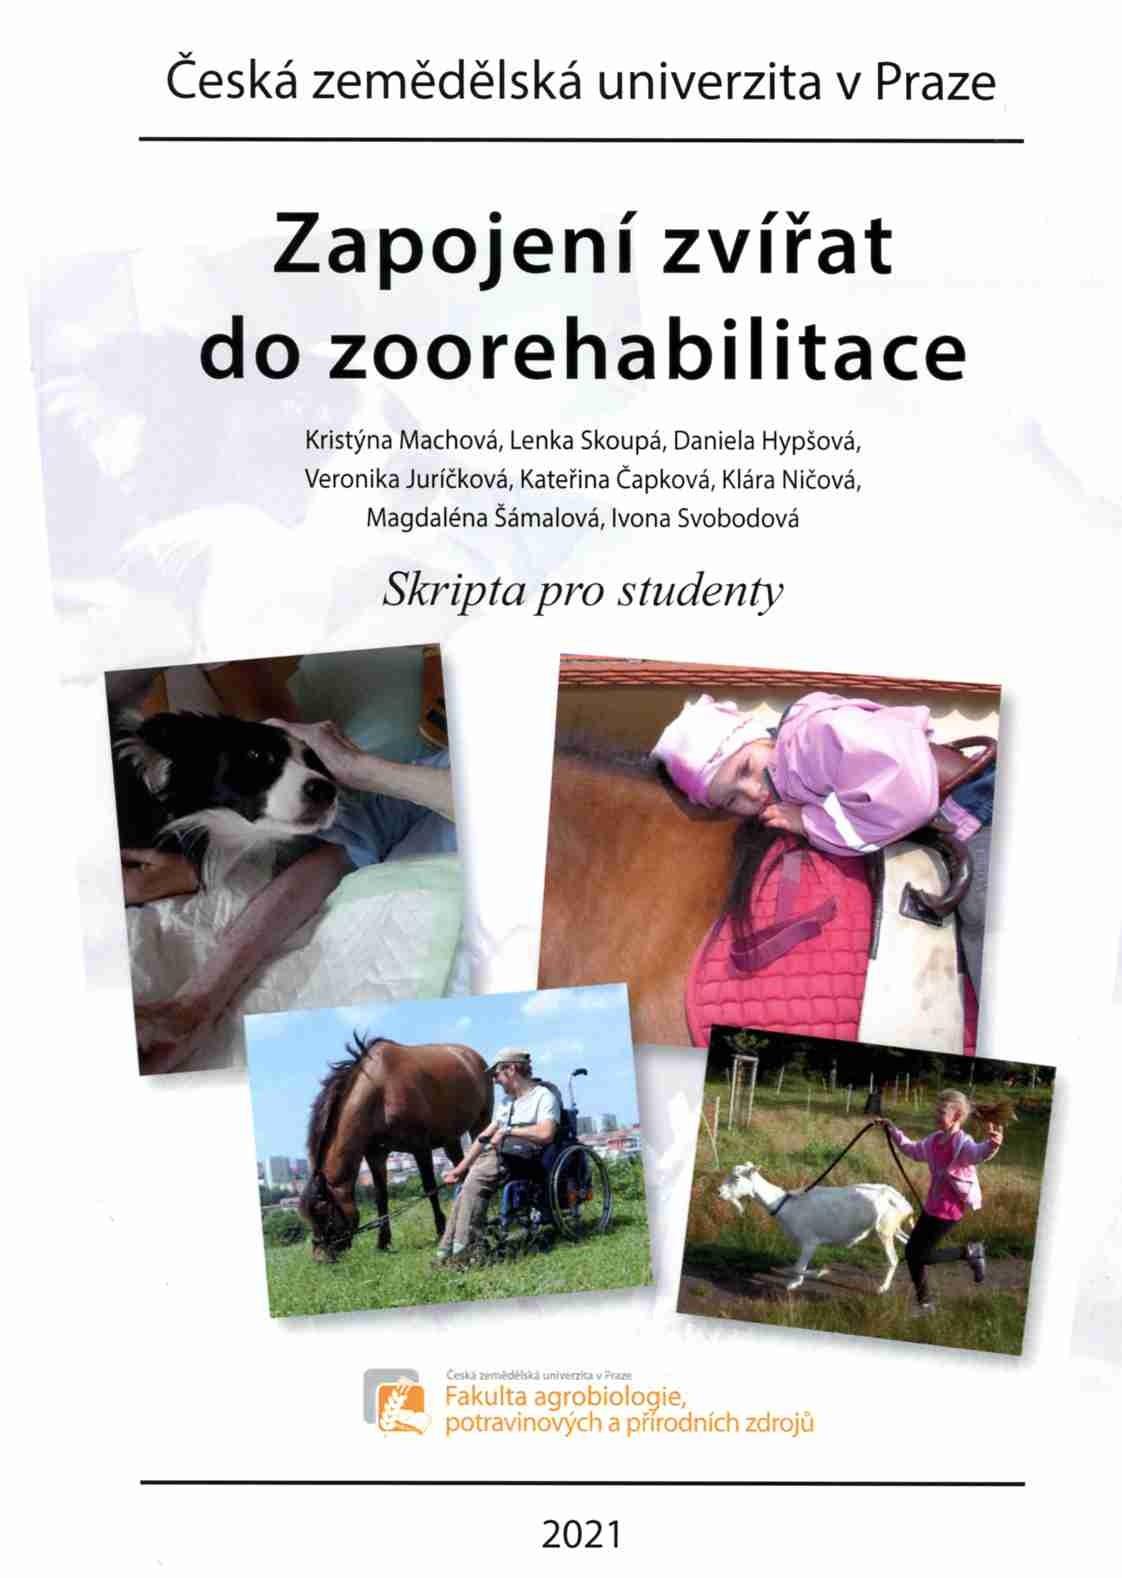 Zapojení zvířat do zoorehabilitace